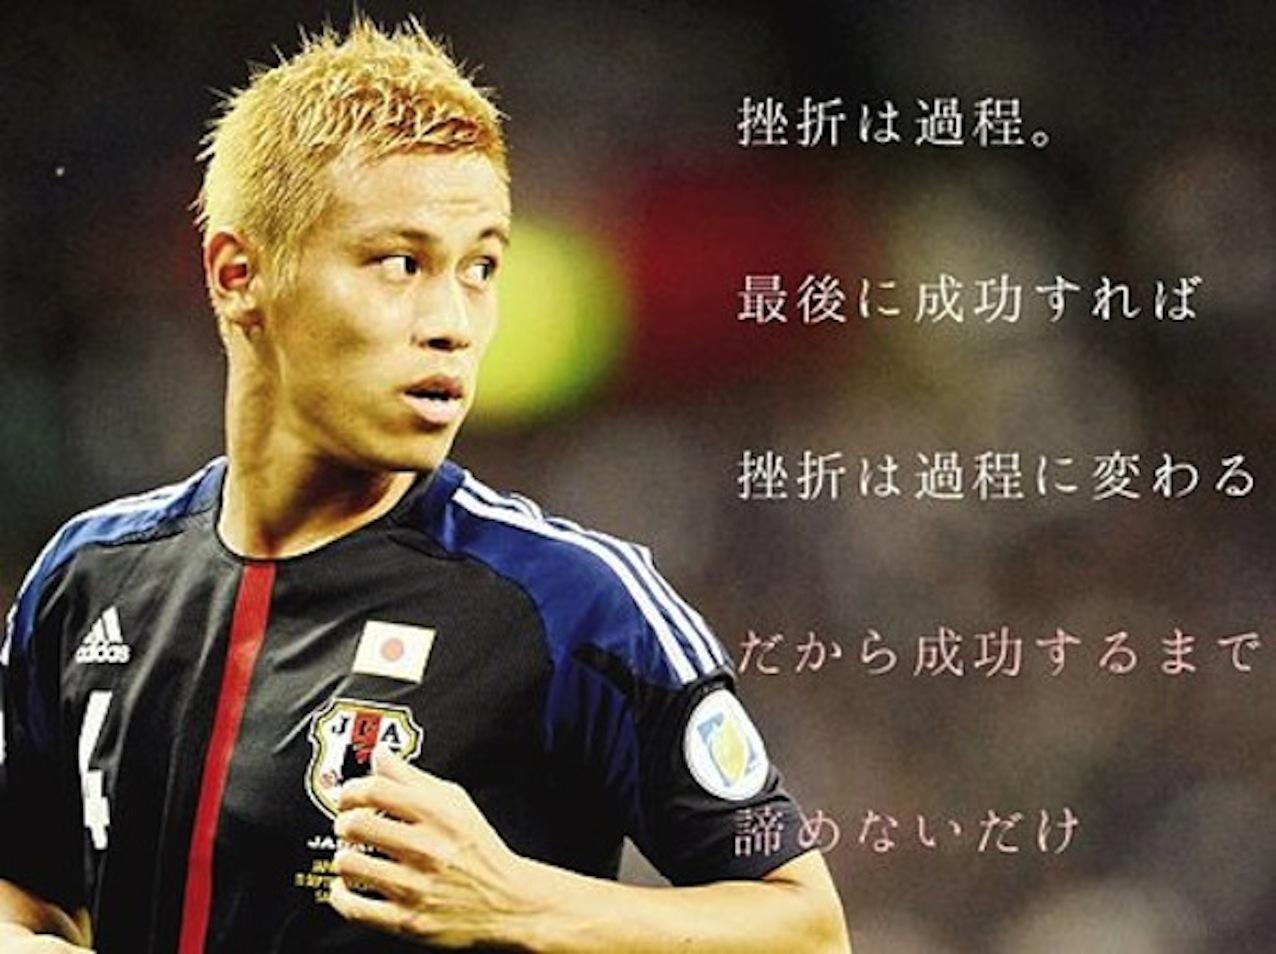 本田圭佑|スポーツドクターを目指す僕が尊敬する人|こんな生き方を自分もしたい!